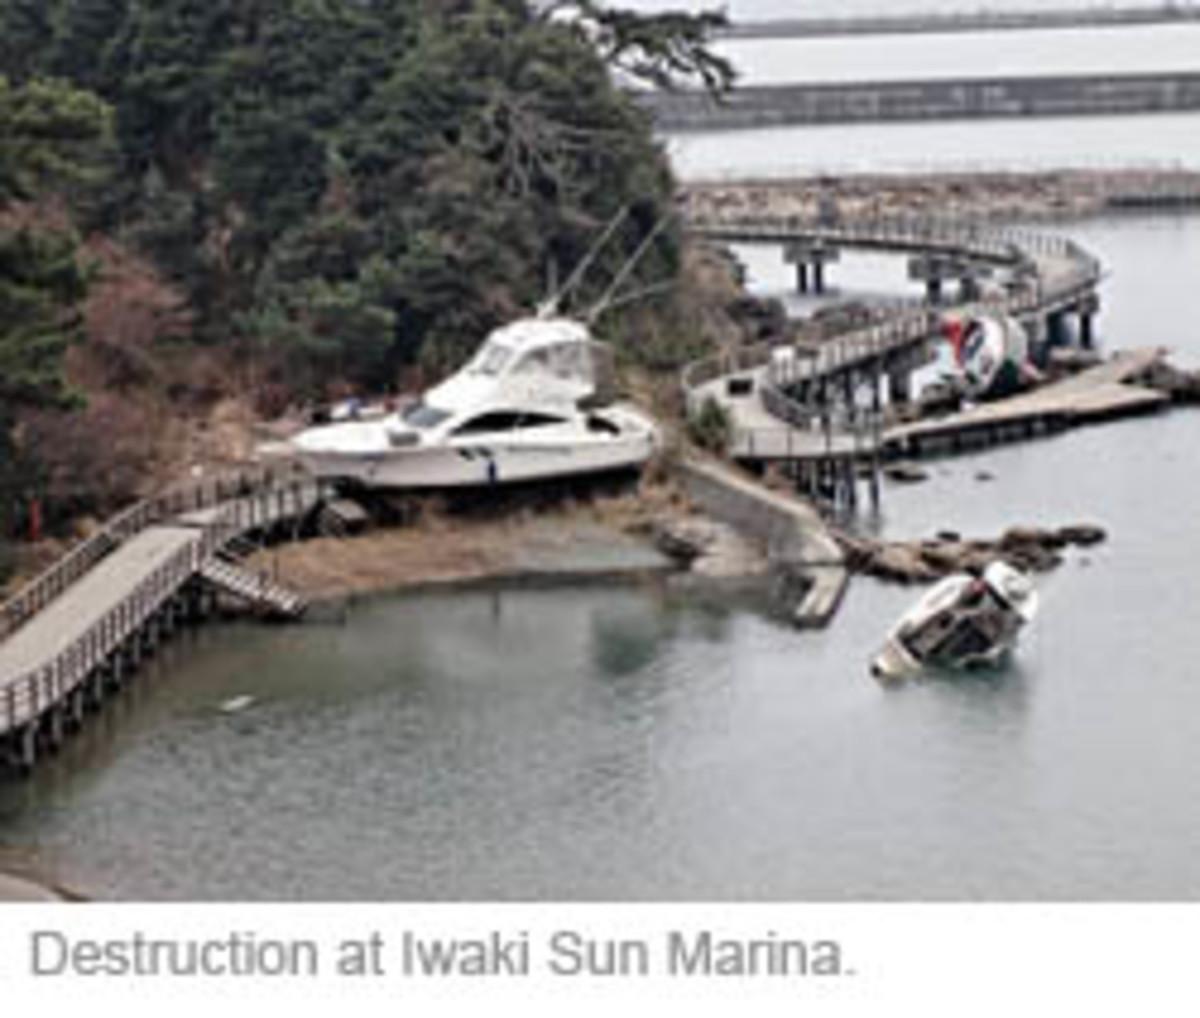 Destruction at Iwaki Sun Marina.